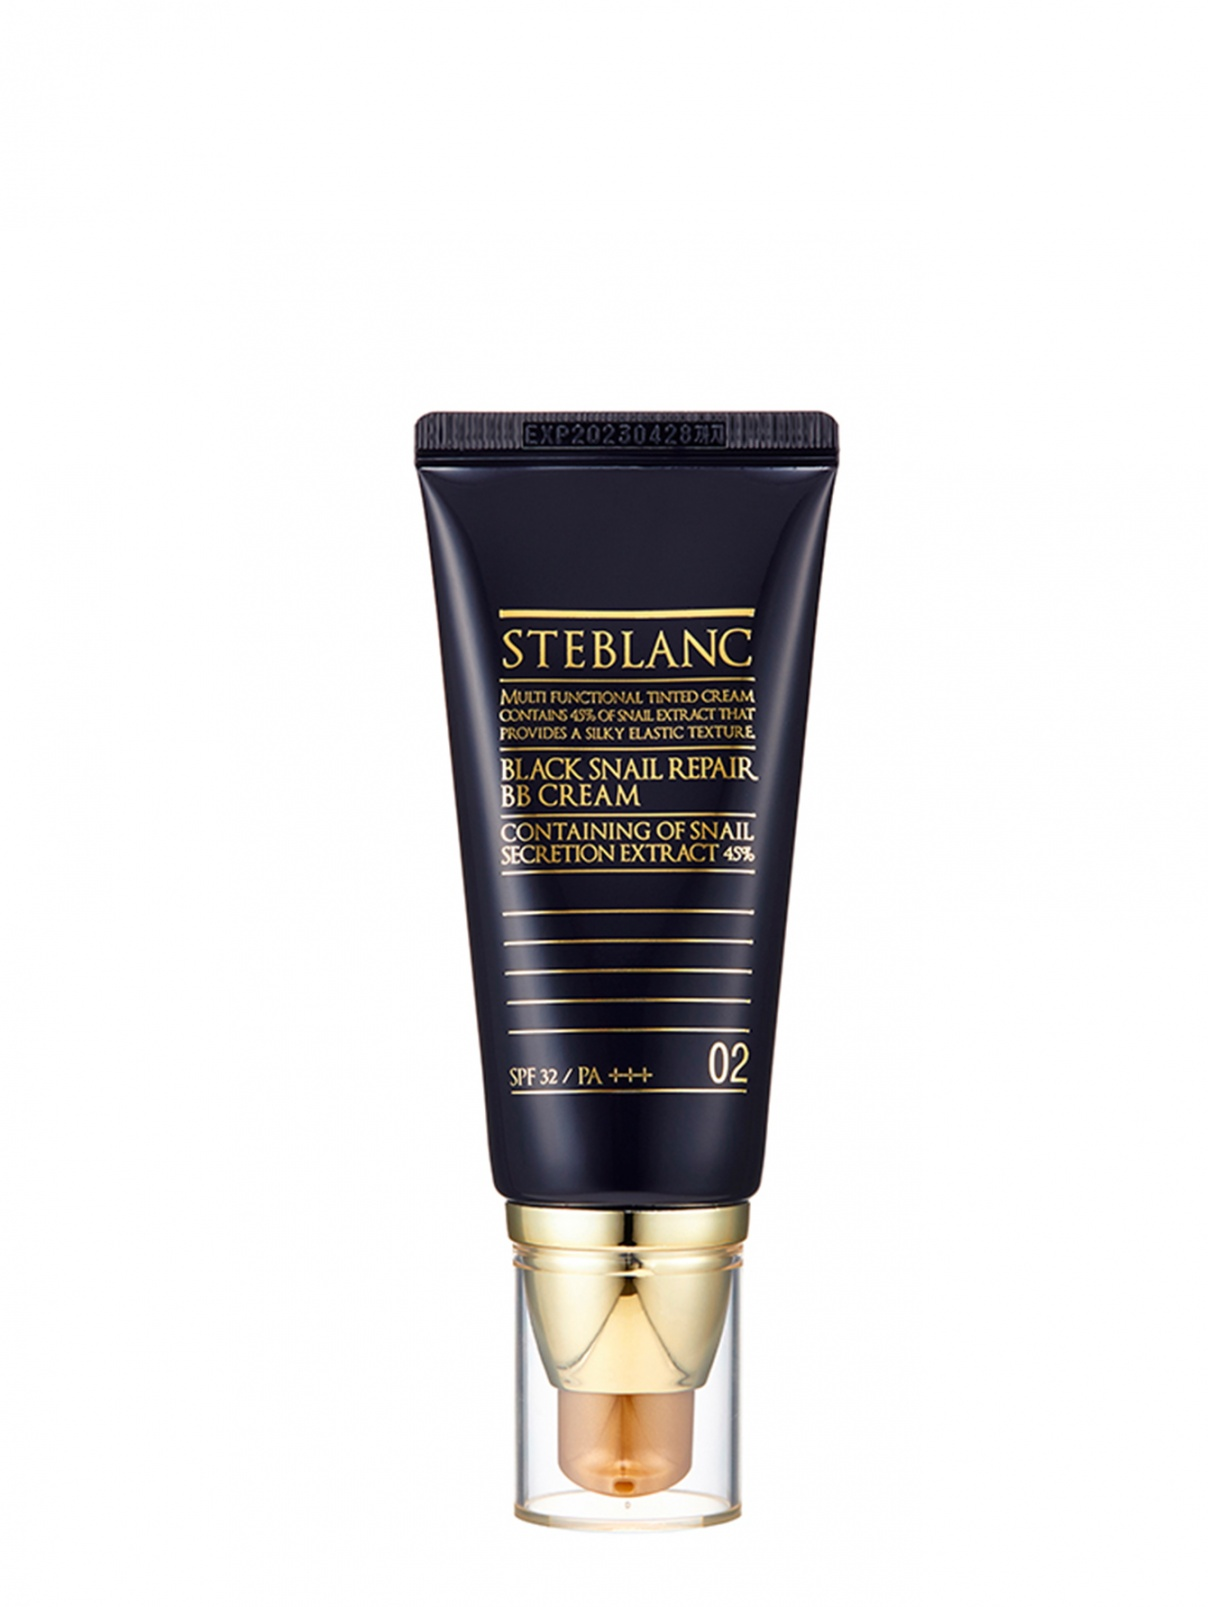 Black Snail Repair BB Cream / ВВ крем с муцином Чёрной улитки тон 02 (беж) 50 мл STEBLANK  –  Общий вид